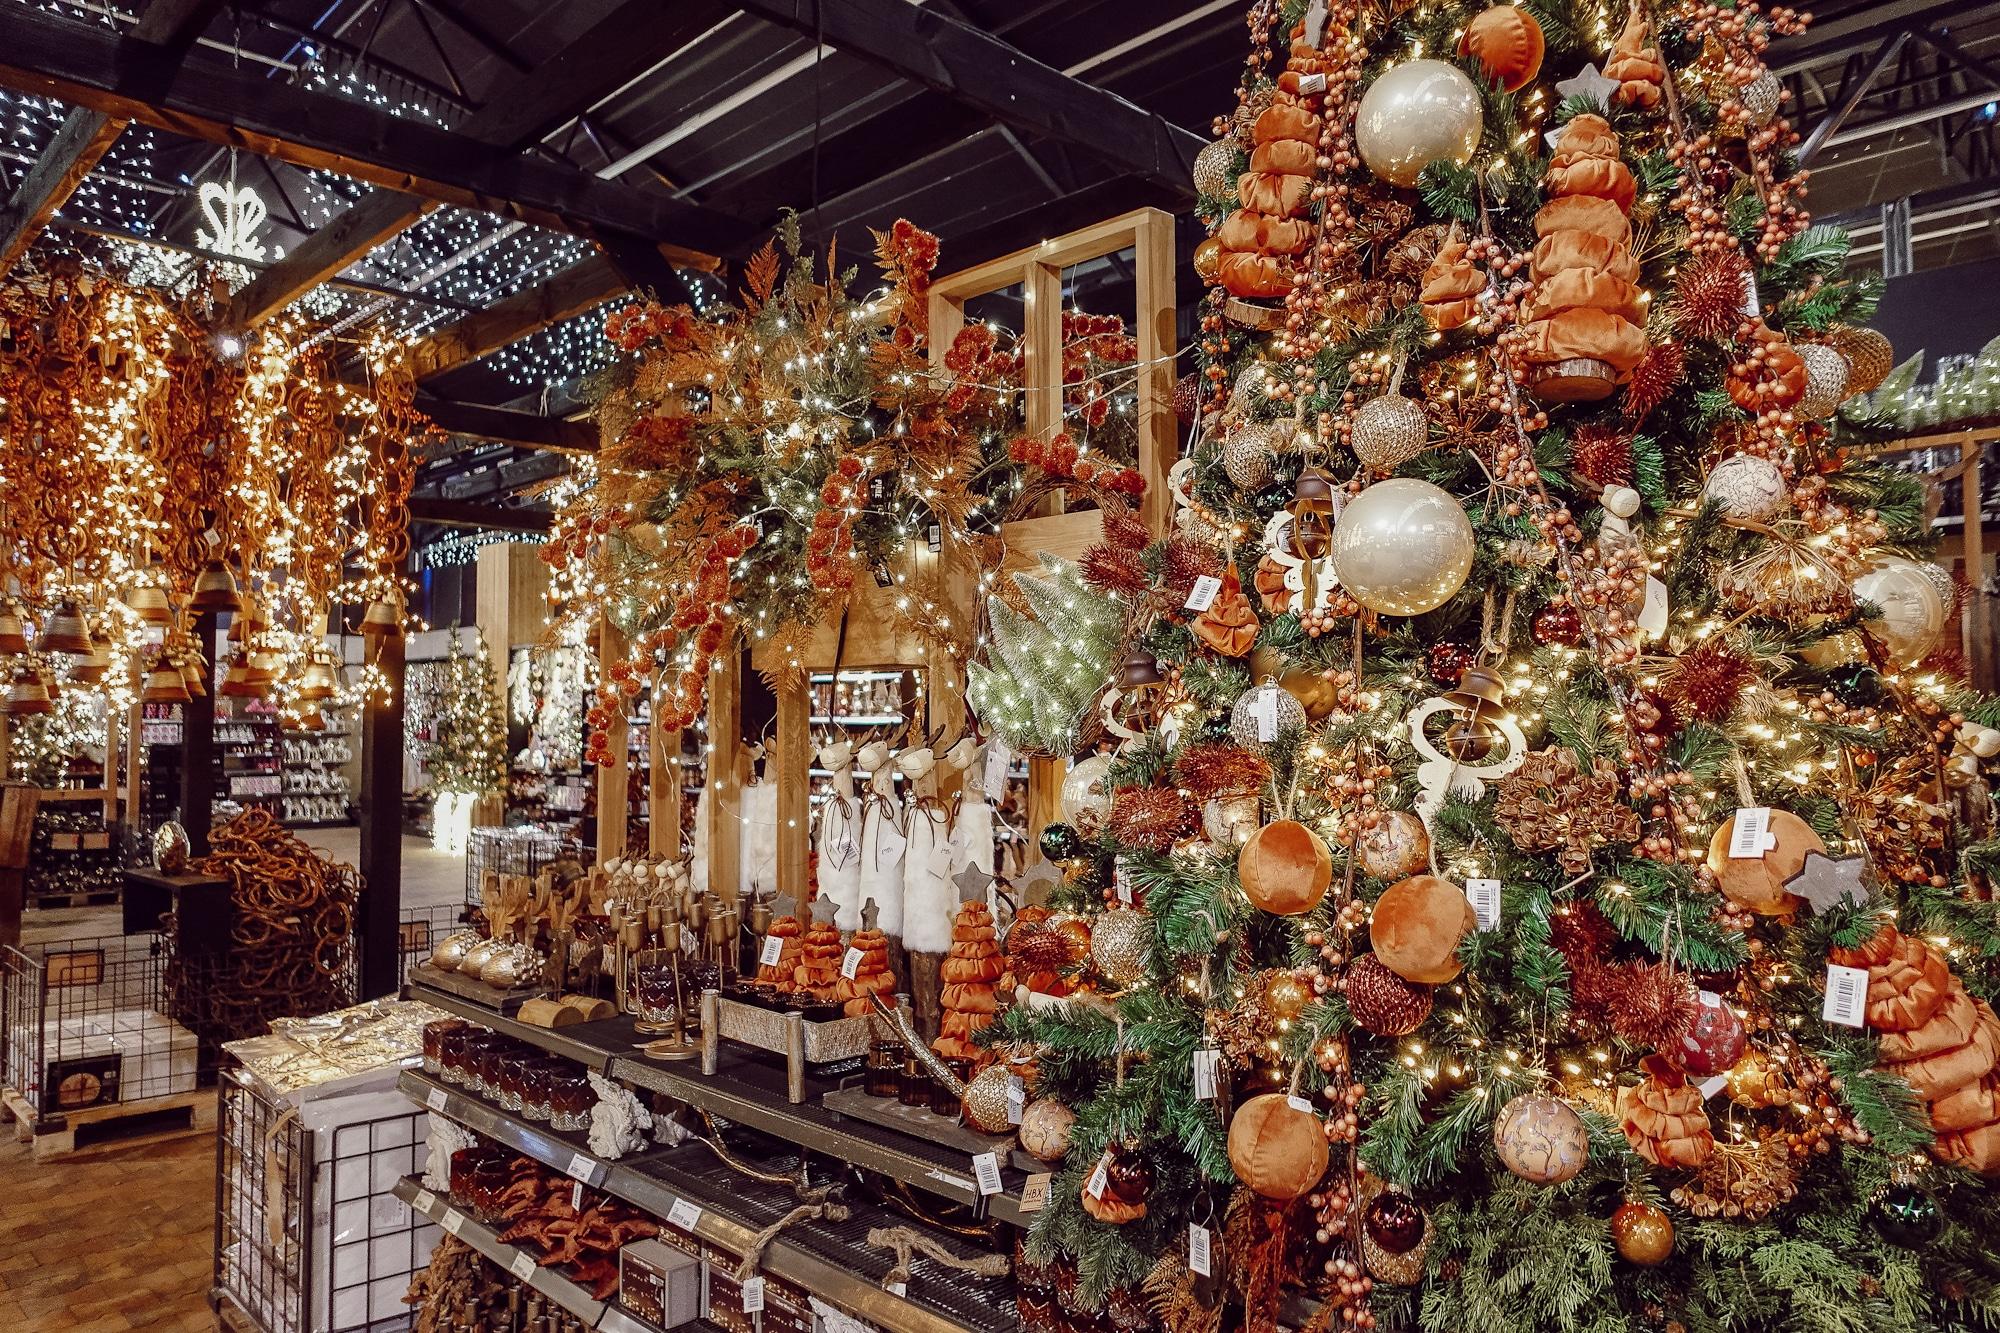 Tuincentrum Leurs kerstshow 2021